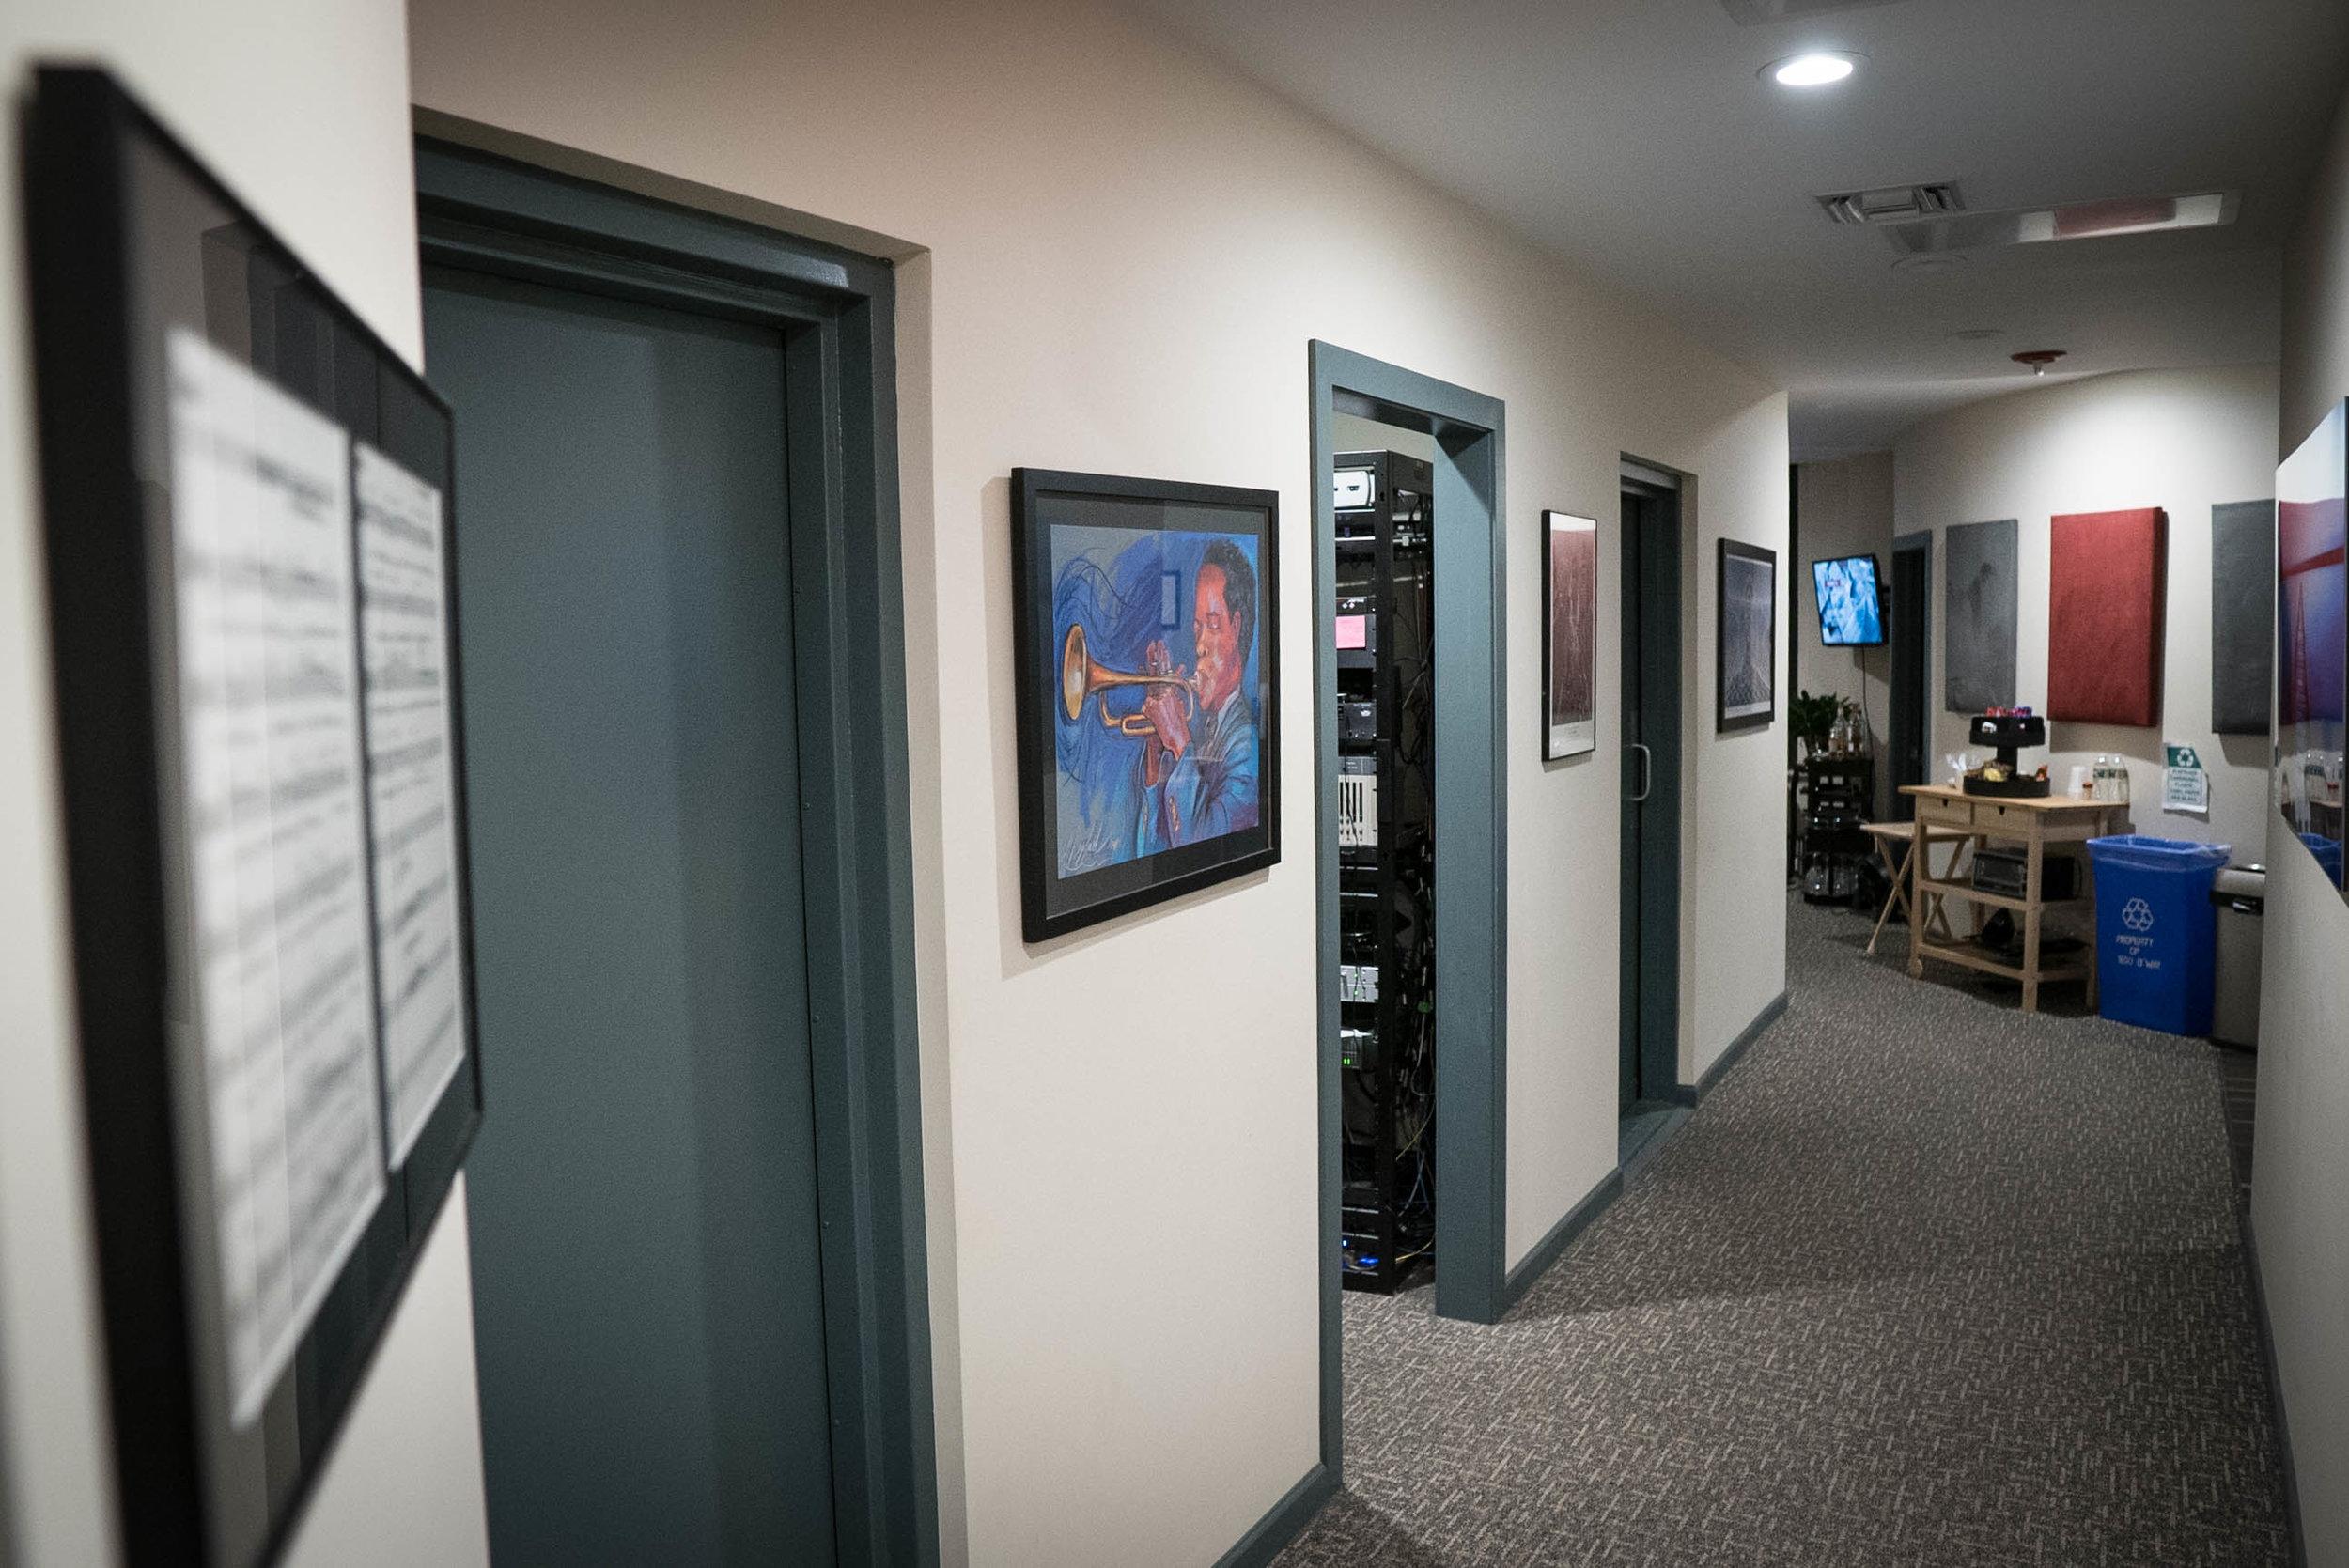 SB_Hallway2.jpg